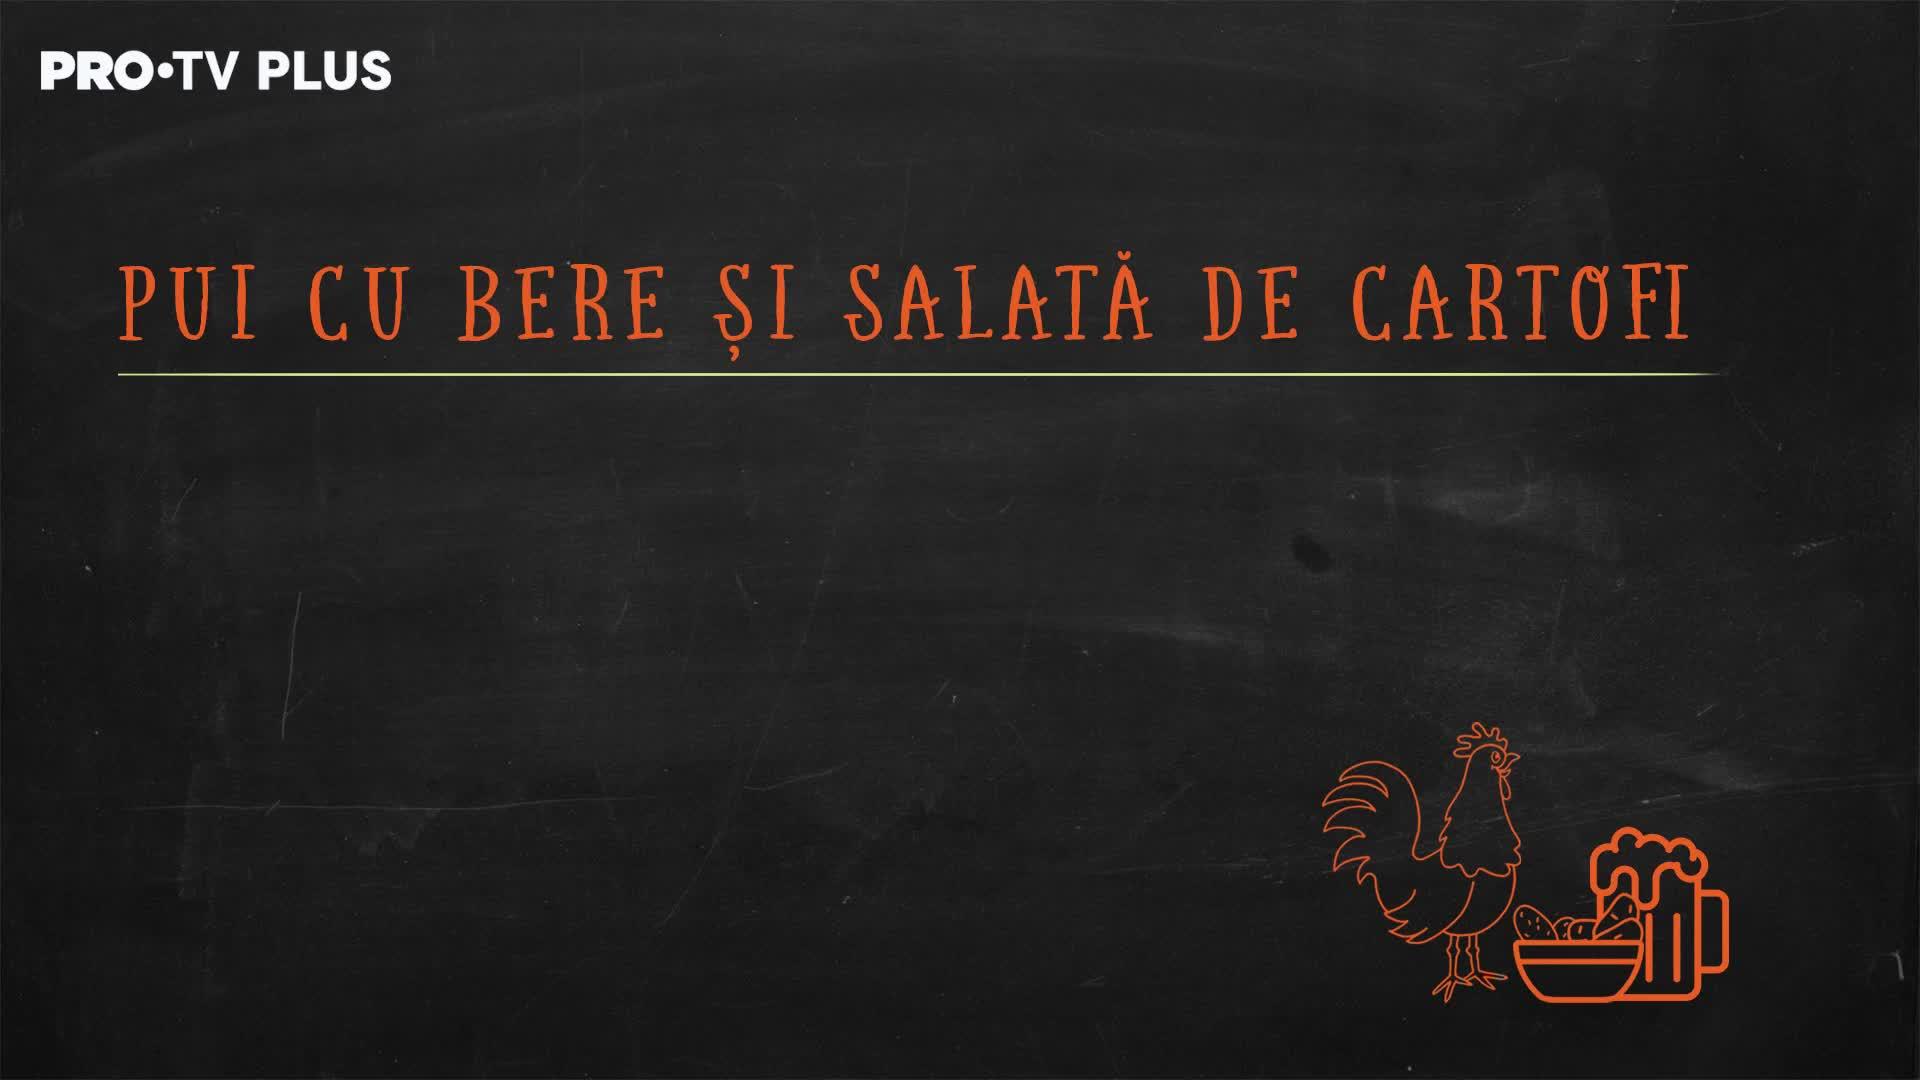 Episodul_18_Pui_cu_bere_si_salata_de_cartofi